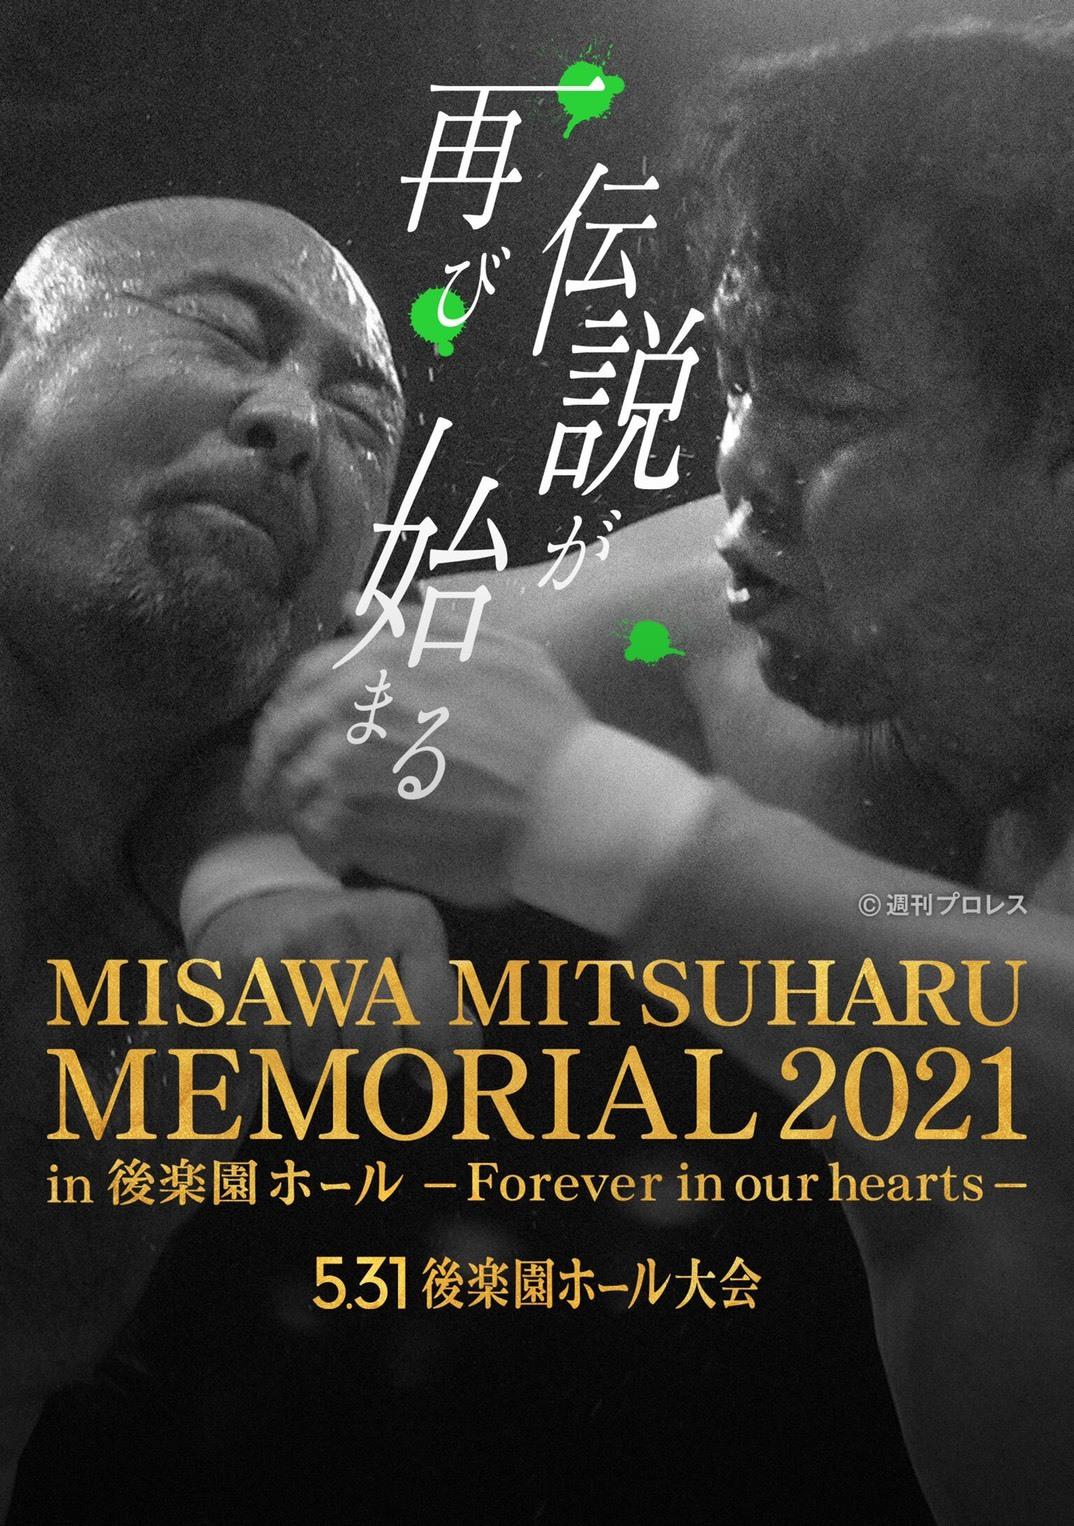 『三沢光晴メモリアル2021~Forever in our hearts~』は5月31日(月)に開催